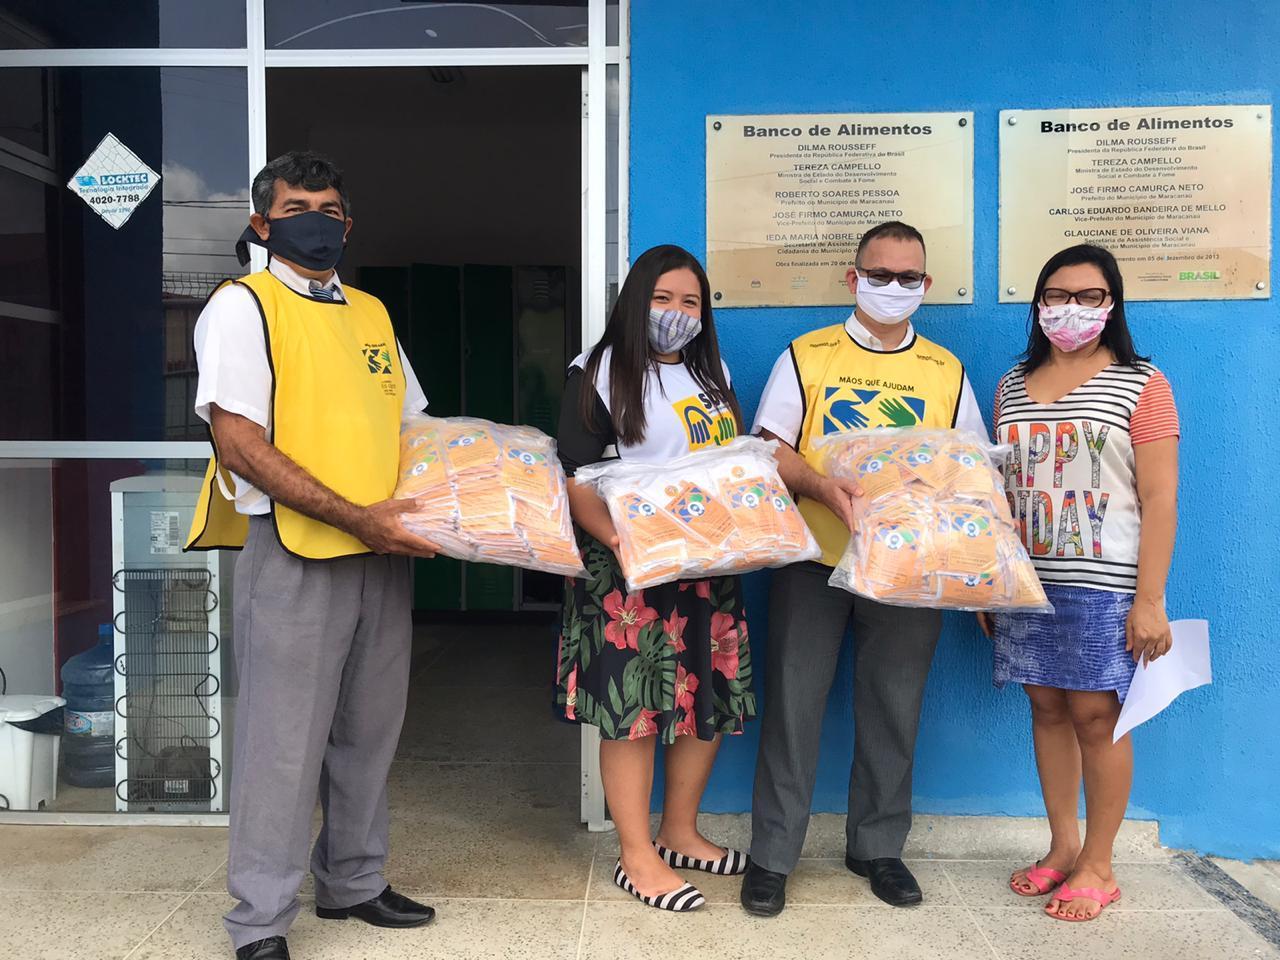 """Prefeitura recebe doação de 5 mil máscaras do Projeto """"Mãos que ajudam salvando vidas"""""""